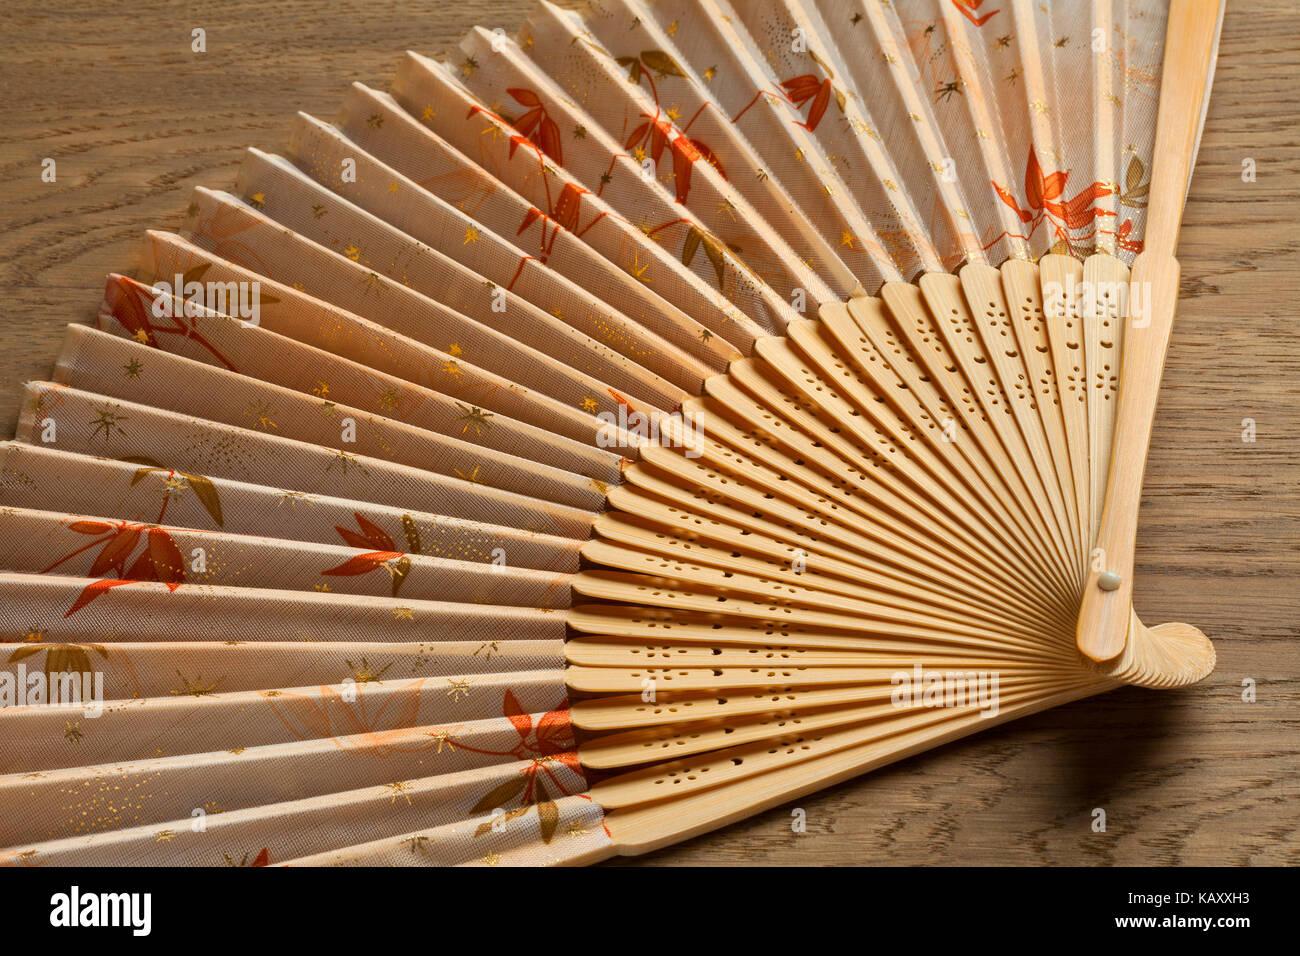 Ventilador de mano japonesa tradicional decorado con hojas de arce en otoño Imagen De Stock